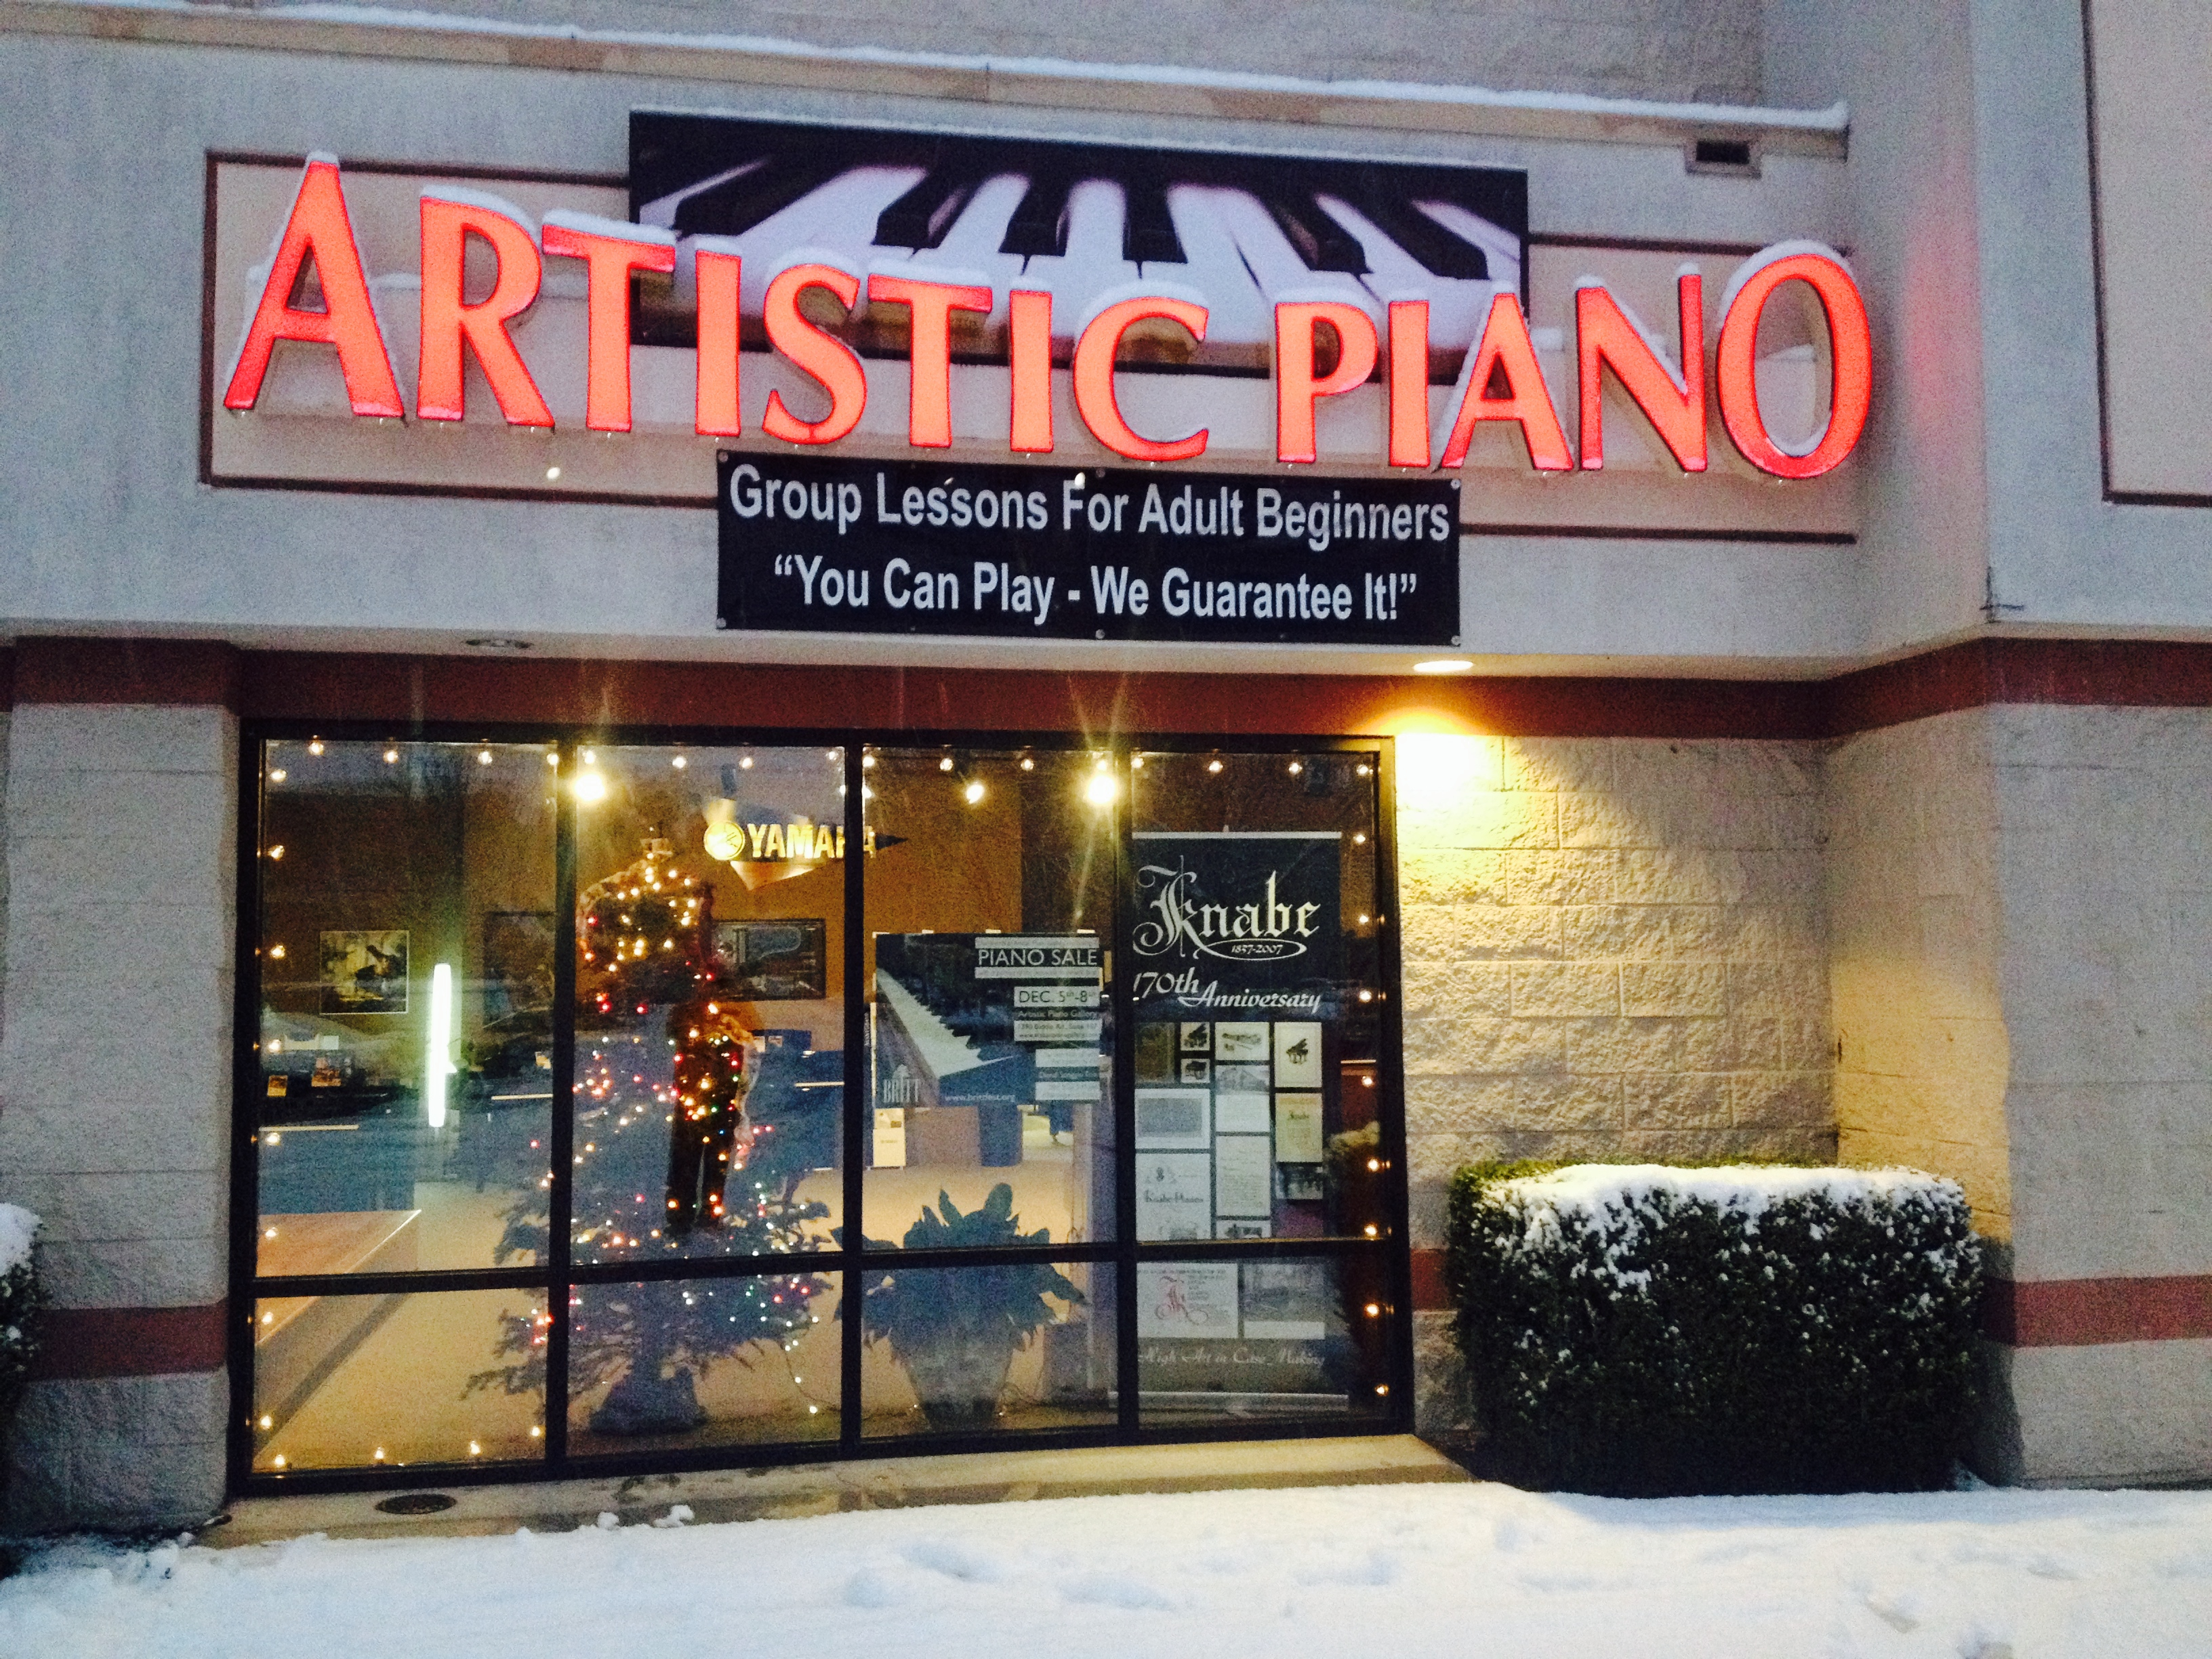 Artistic Piano Gallery